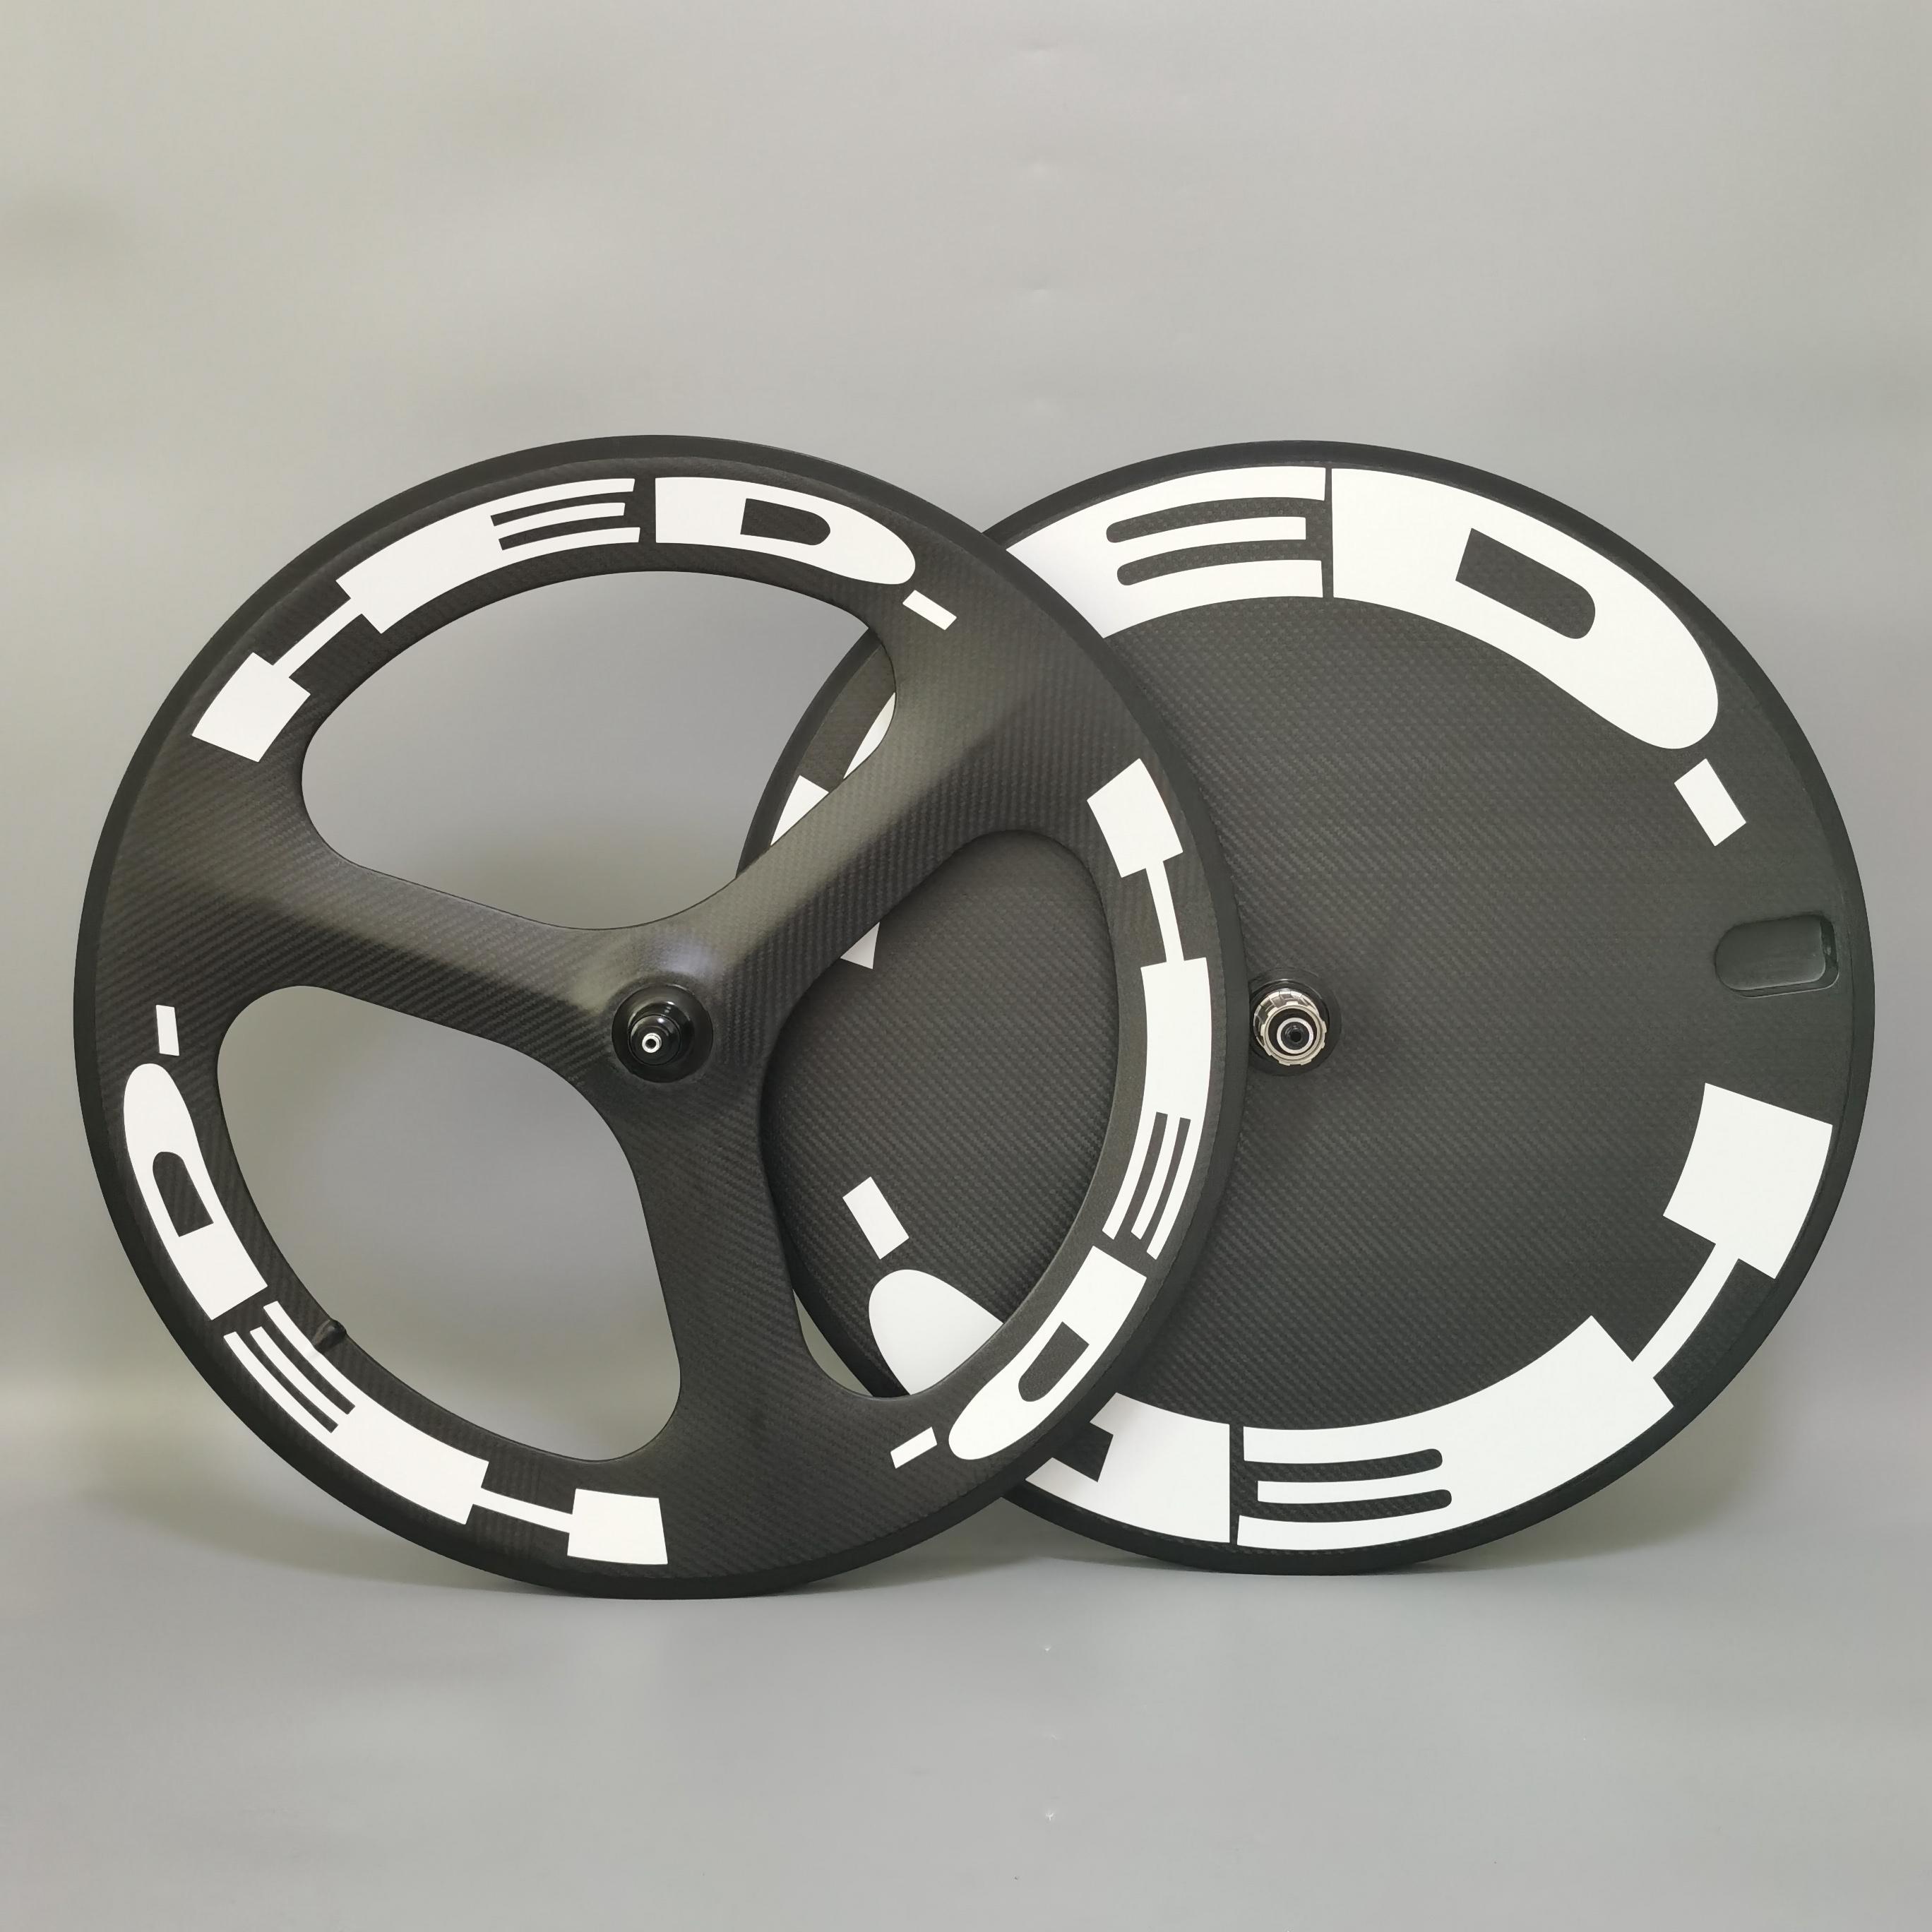 Hed 700c Karbon Tekerlekler Ön Tri-Kumandası Arka Disk Tekerlek Parça / Yol Bisiklet Tekerlek Kattığı / 3K Dimi Mat Bitirmek